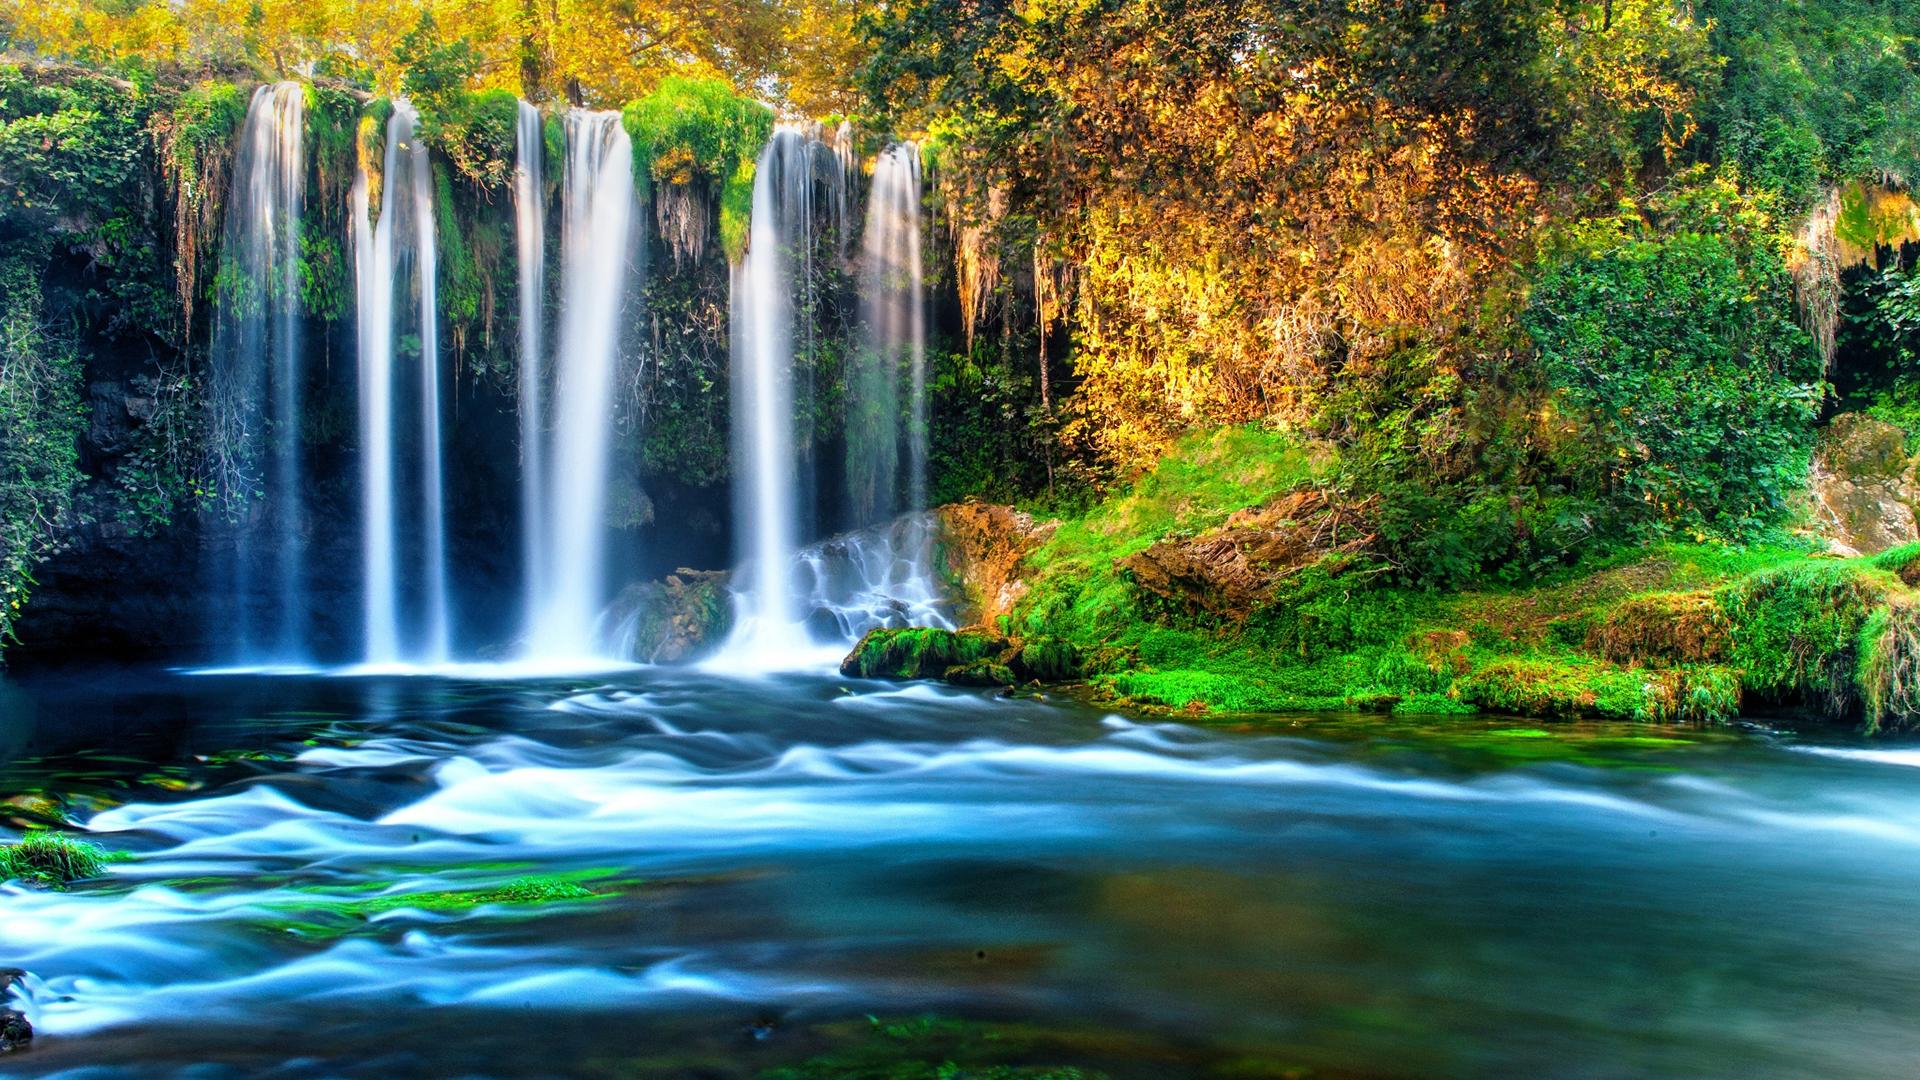 астрологию картинки для рабочего стола природа водопады делают